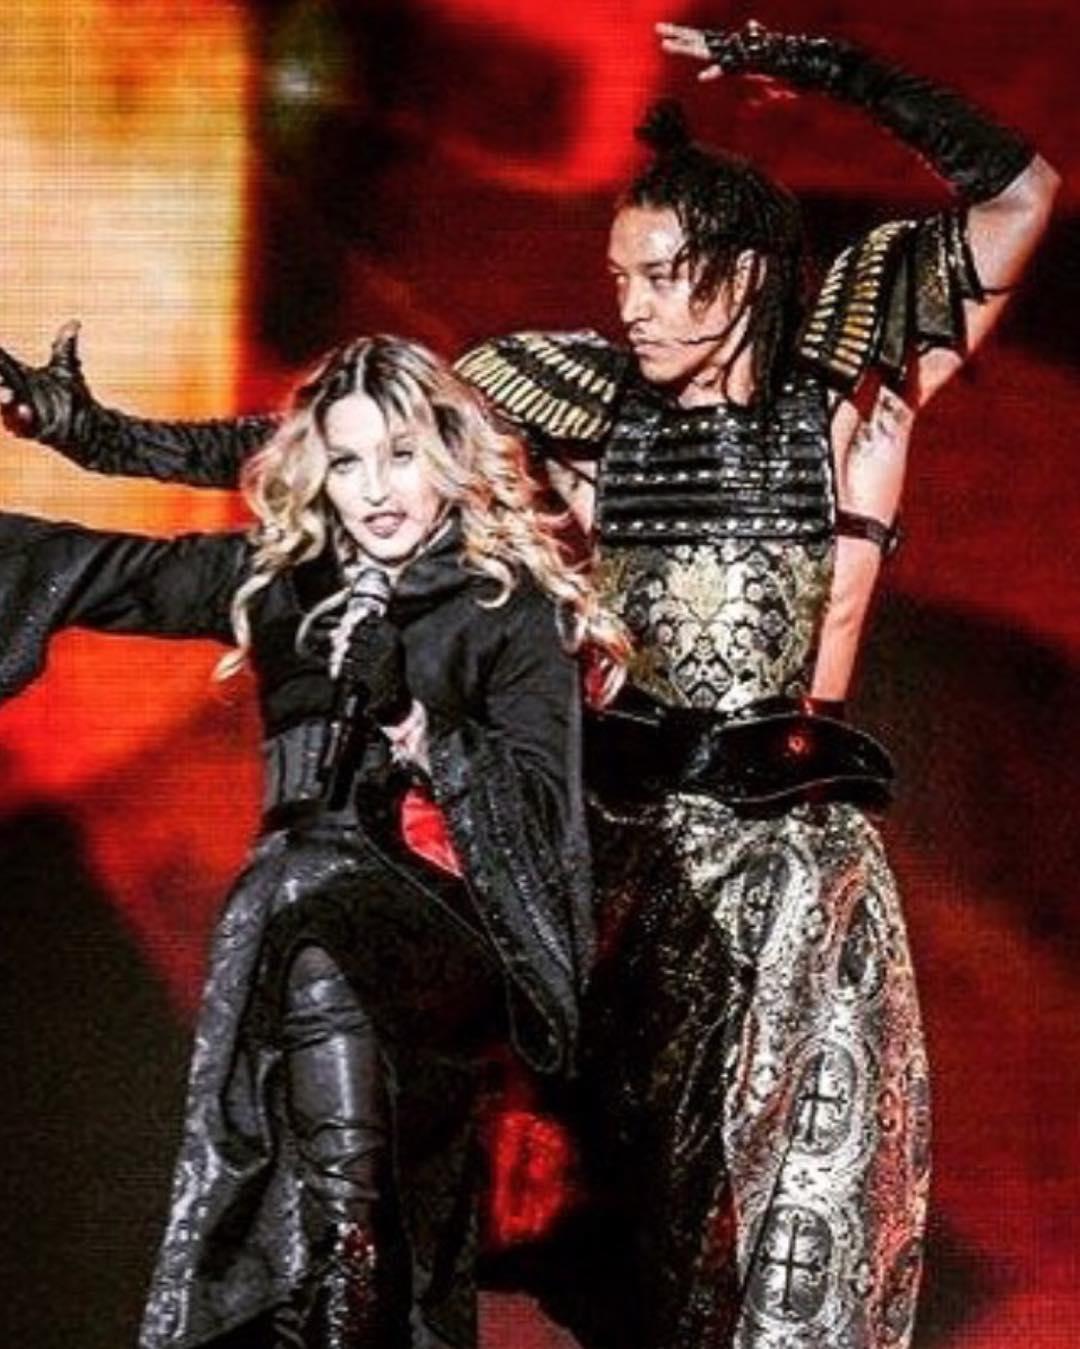 Ахламалик - танцор в команде Мадонны.